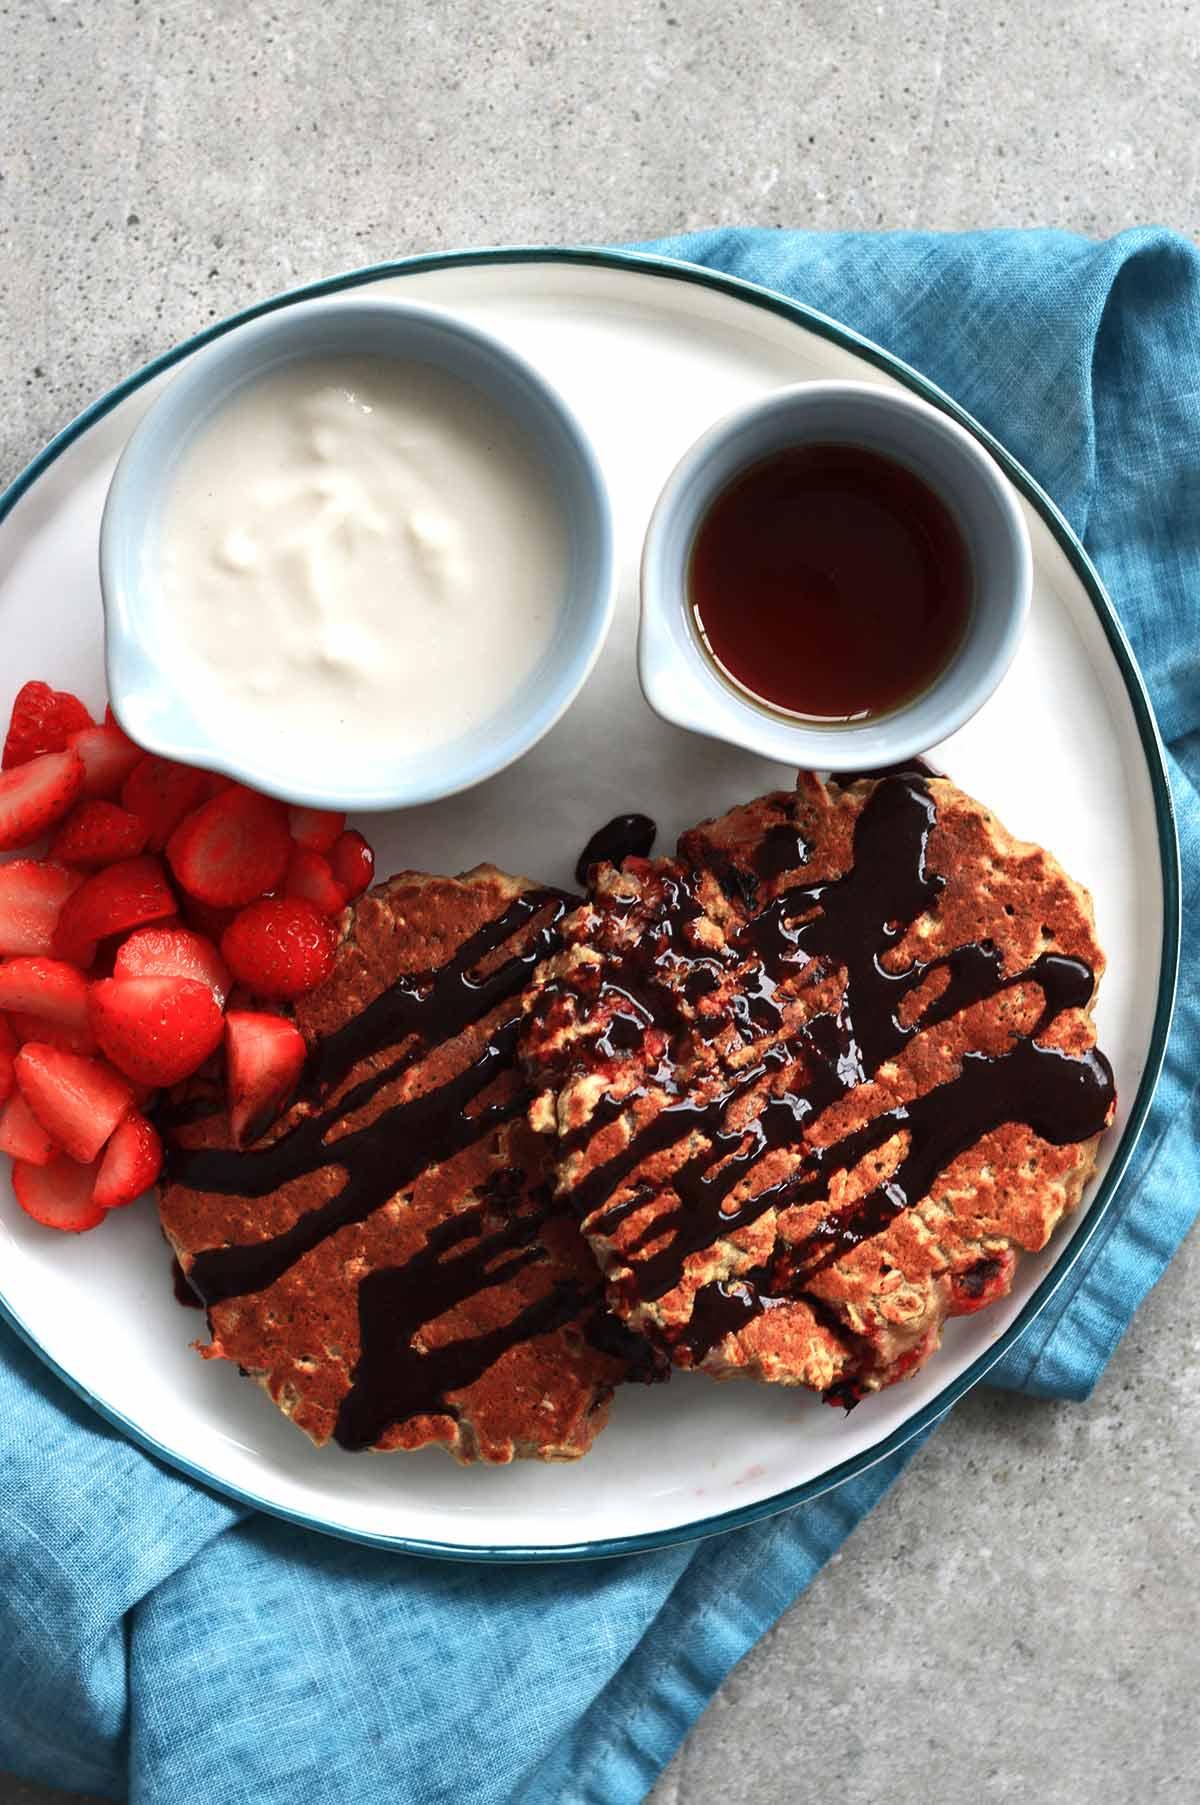 Pancakes de fresa y avena servidos con jarabe de arce, yogurt y fresas picadas